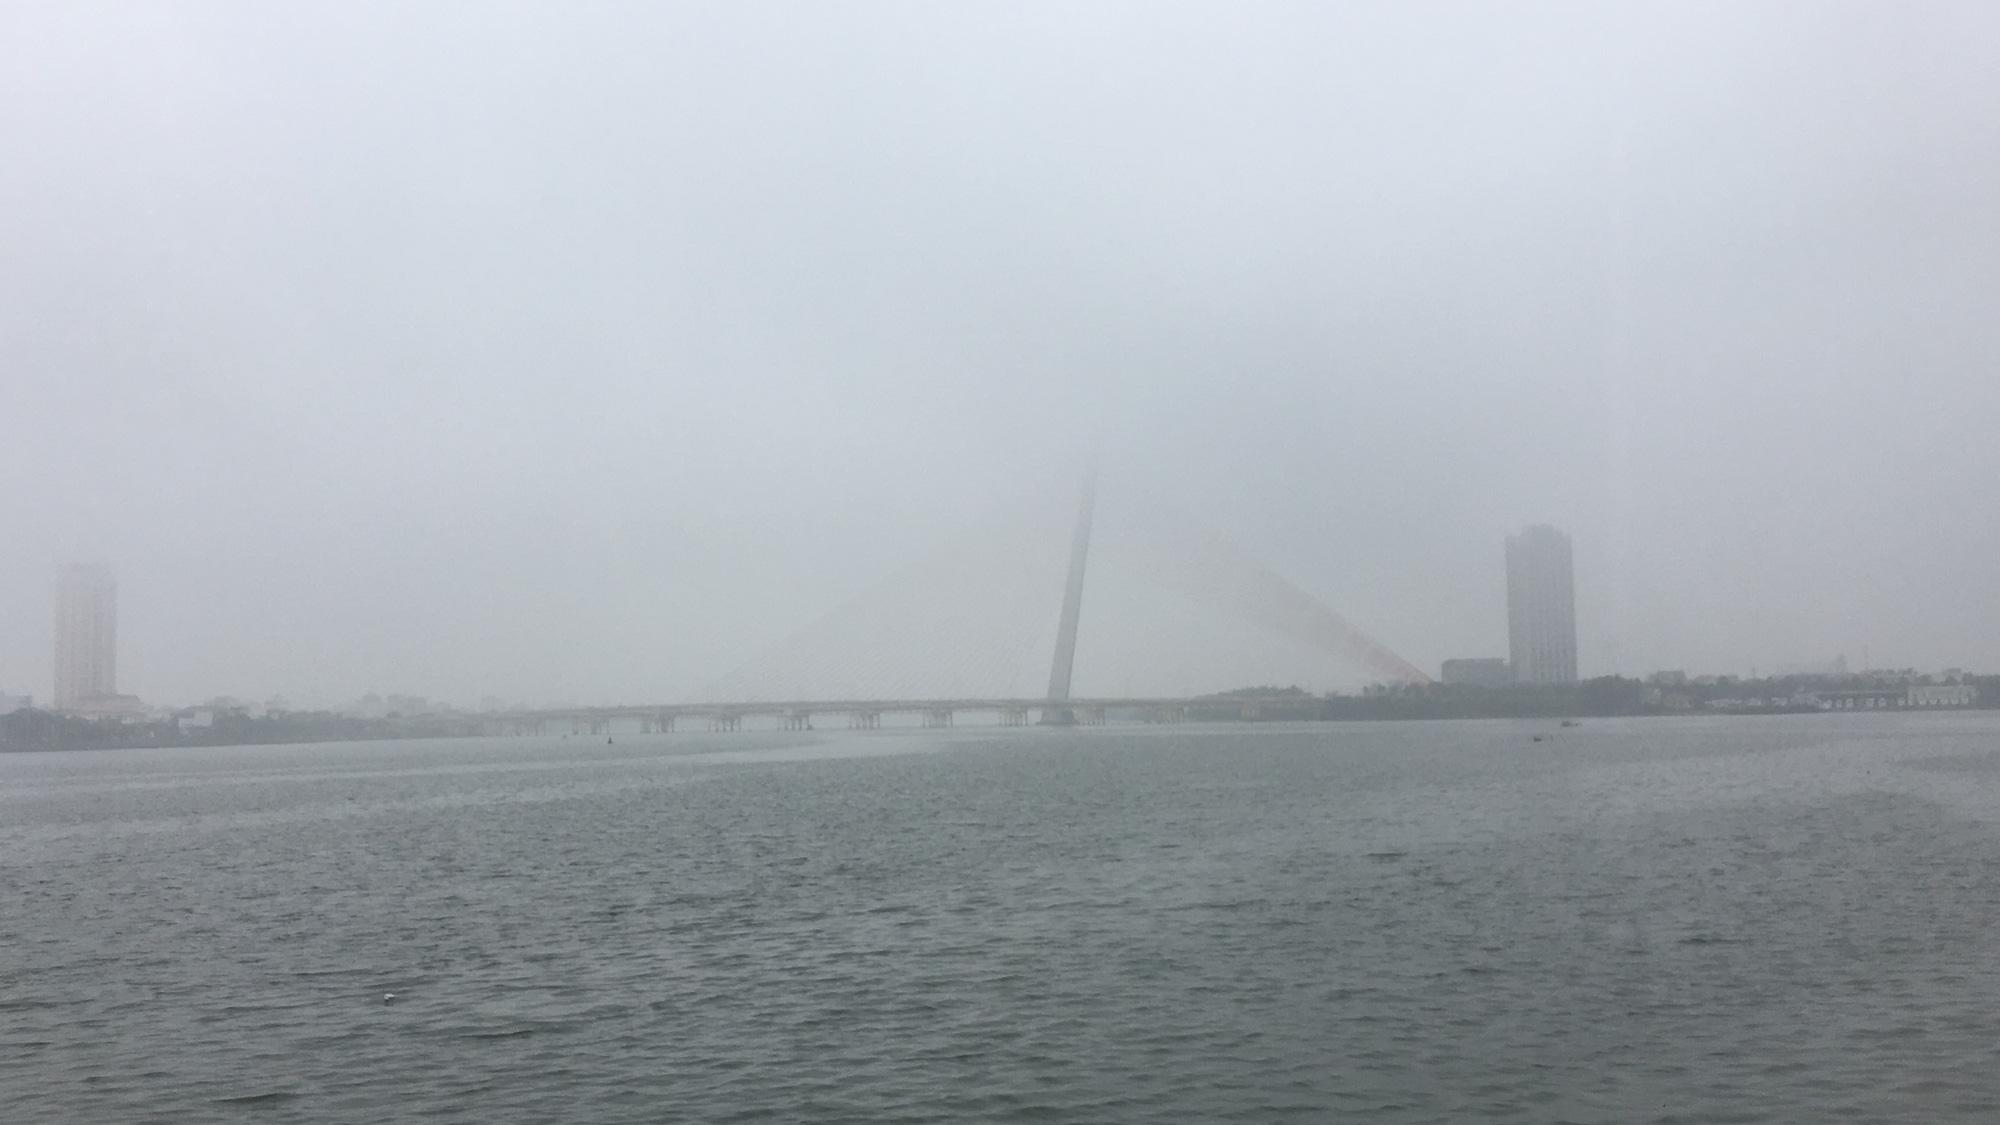 Đà Nẵng chìm trong sương mù dày đặc dù đã gần 9 giờ sáng - Ảnh 7.